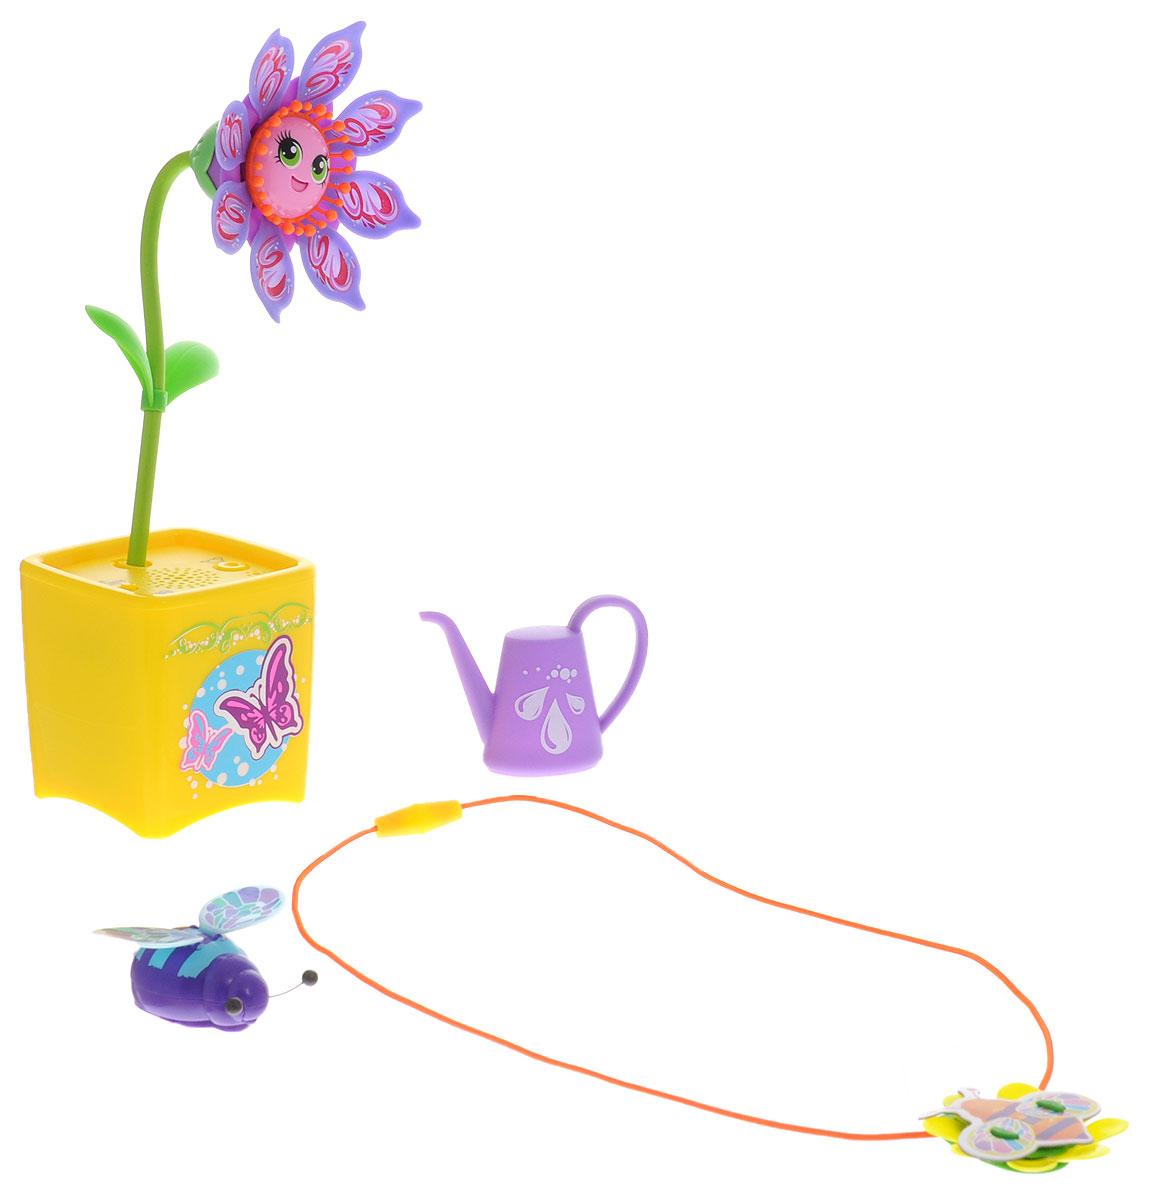 Magic Blooms Интерактивная игрушка Волшебный цветок с ожерельем и волшебным жучком